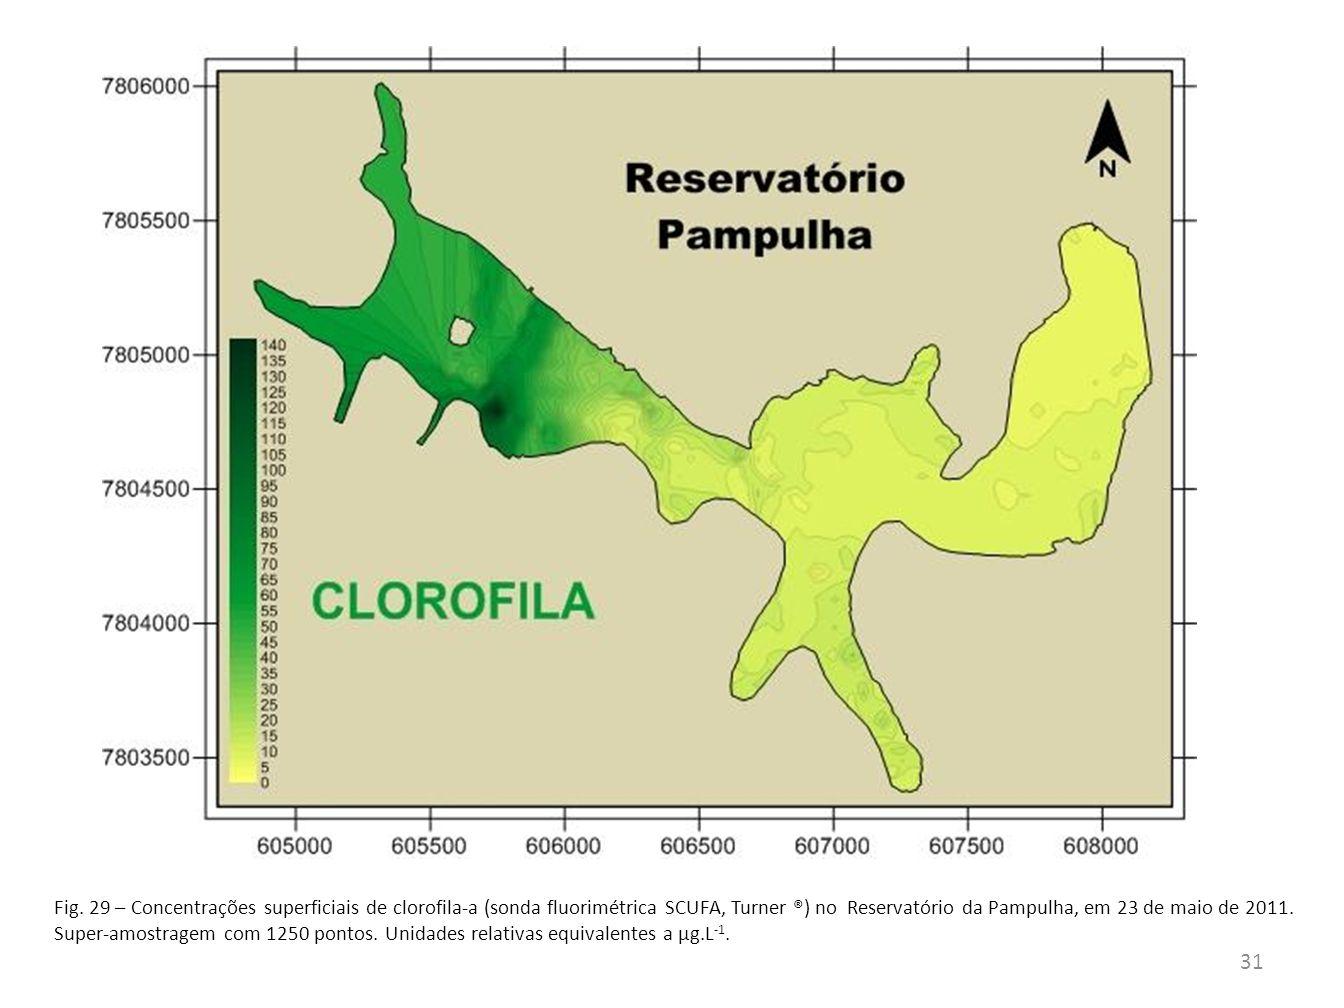 Fig. 29 – Concentrações superficiais de clorofila-a (sonda fluorimétrica SCUFA, Turner ®) no Reservatório da Pampulha, em 23 de maio de 2011. Super-am